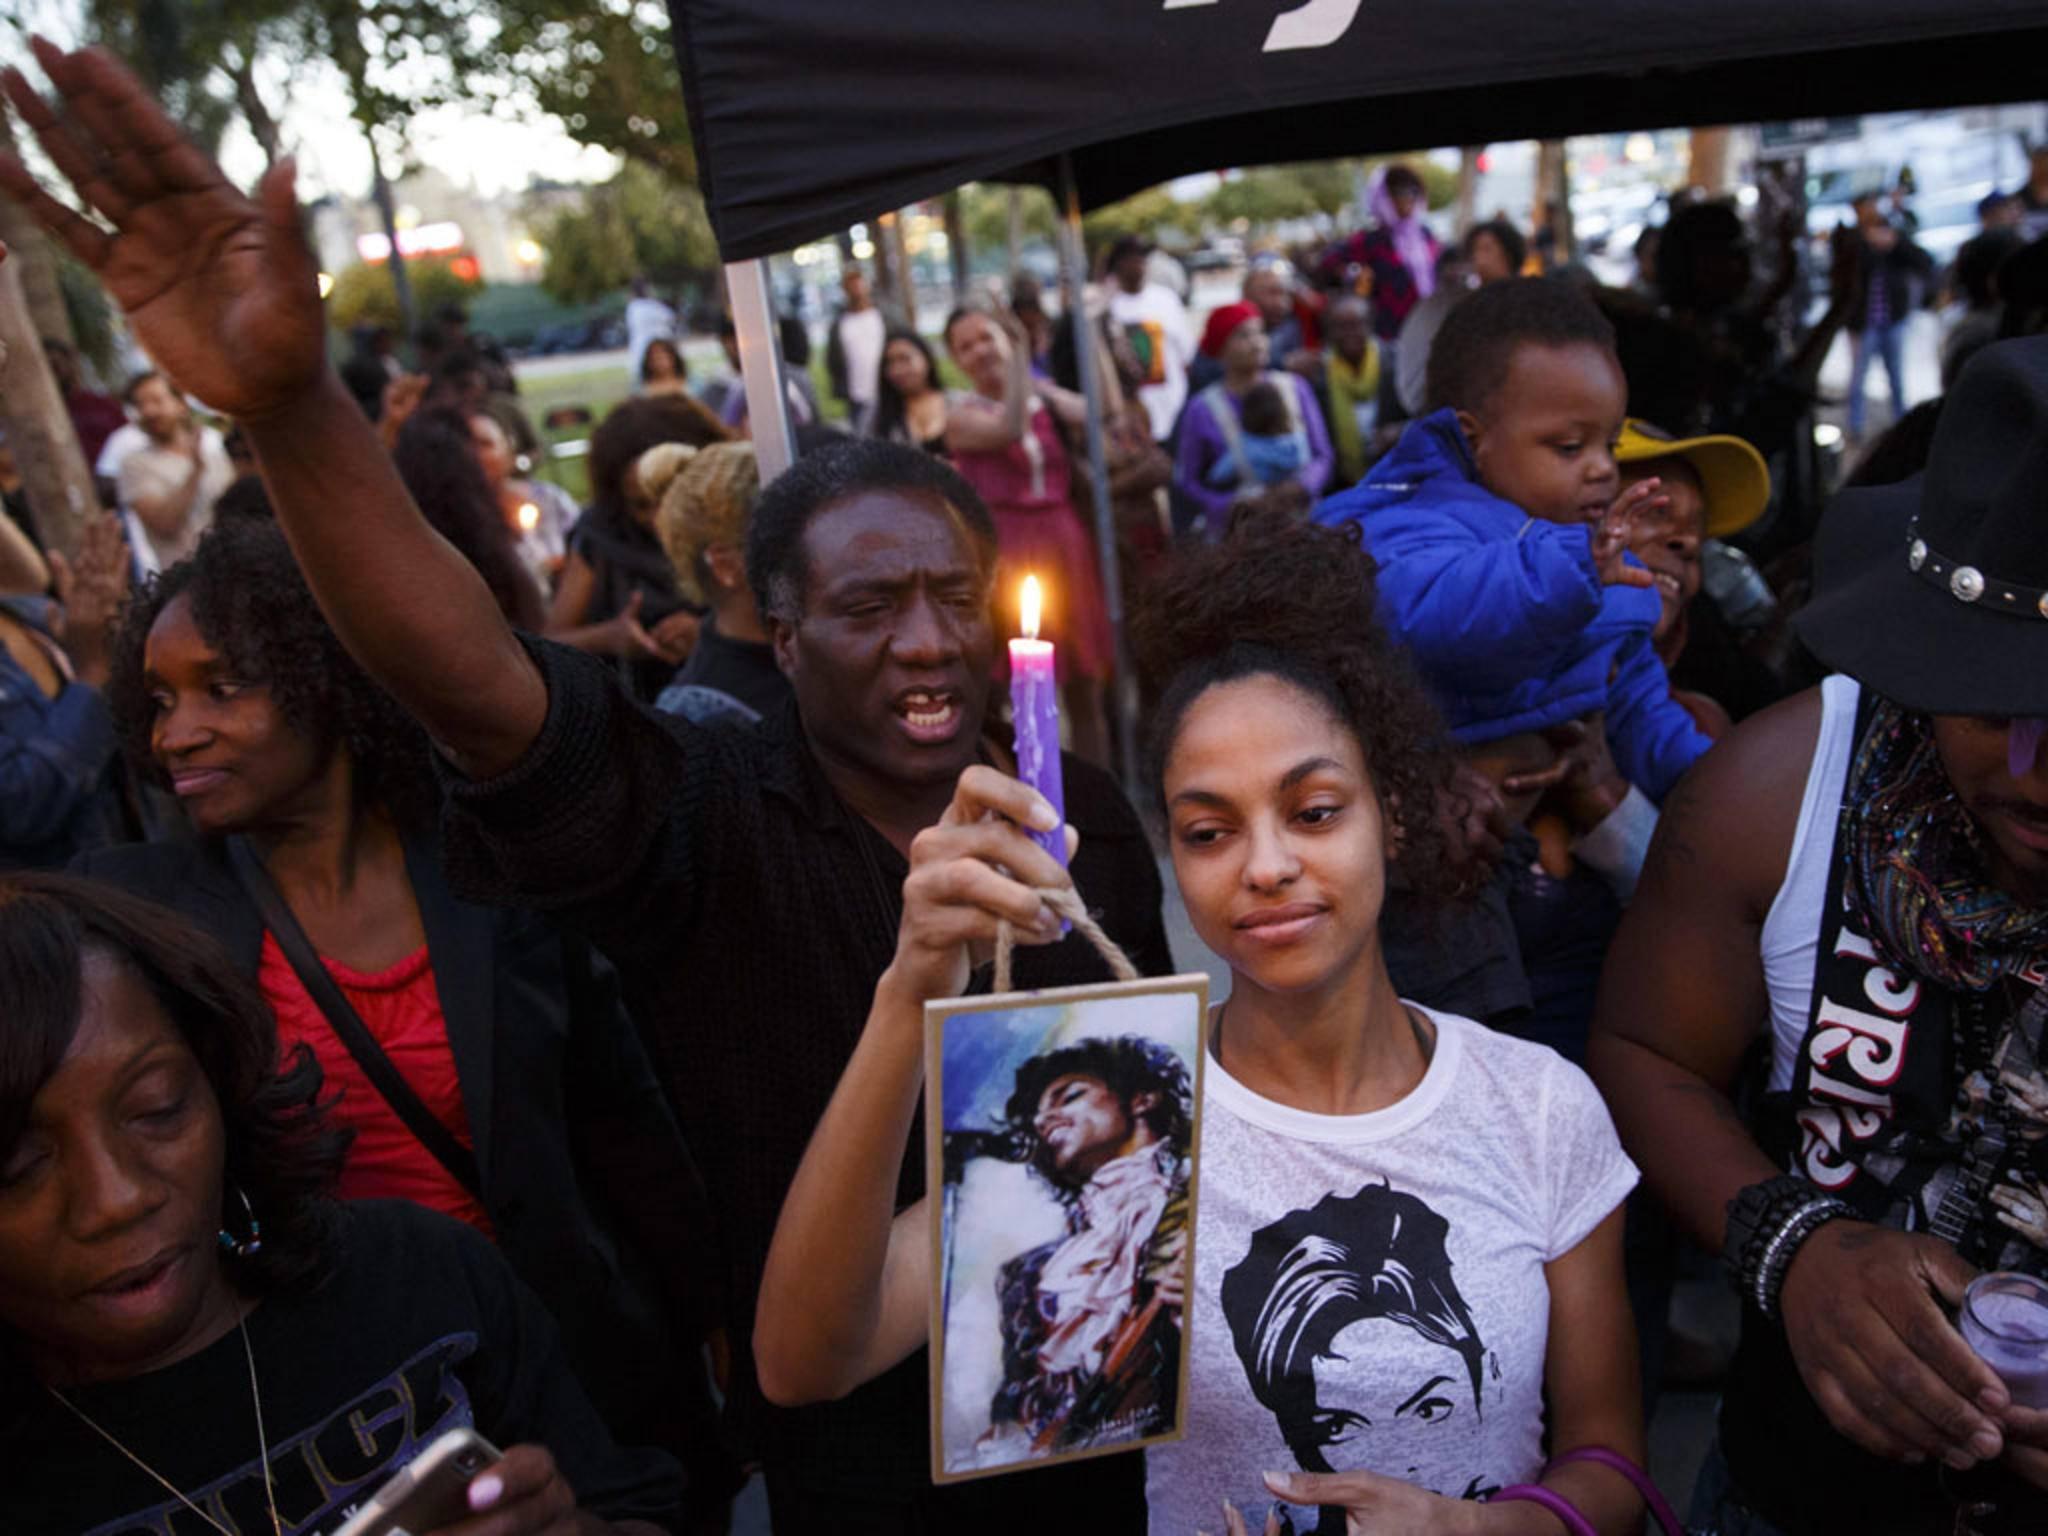 Die Fans und das Netz zollten dem verstorbenen Musiker Prince ihren Tribut.